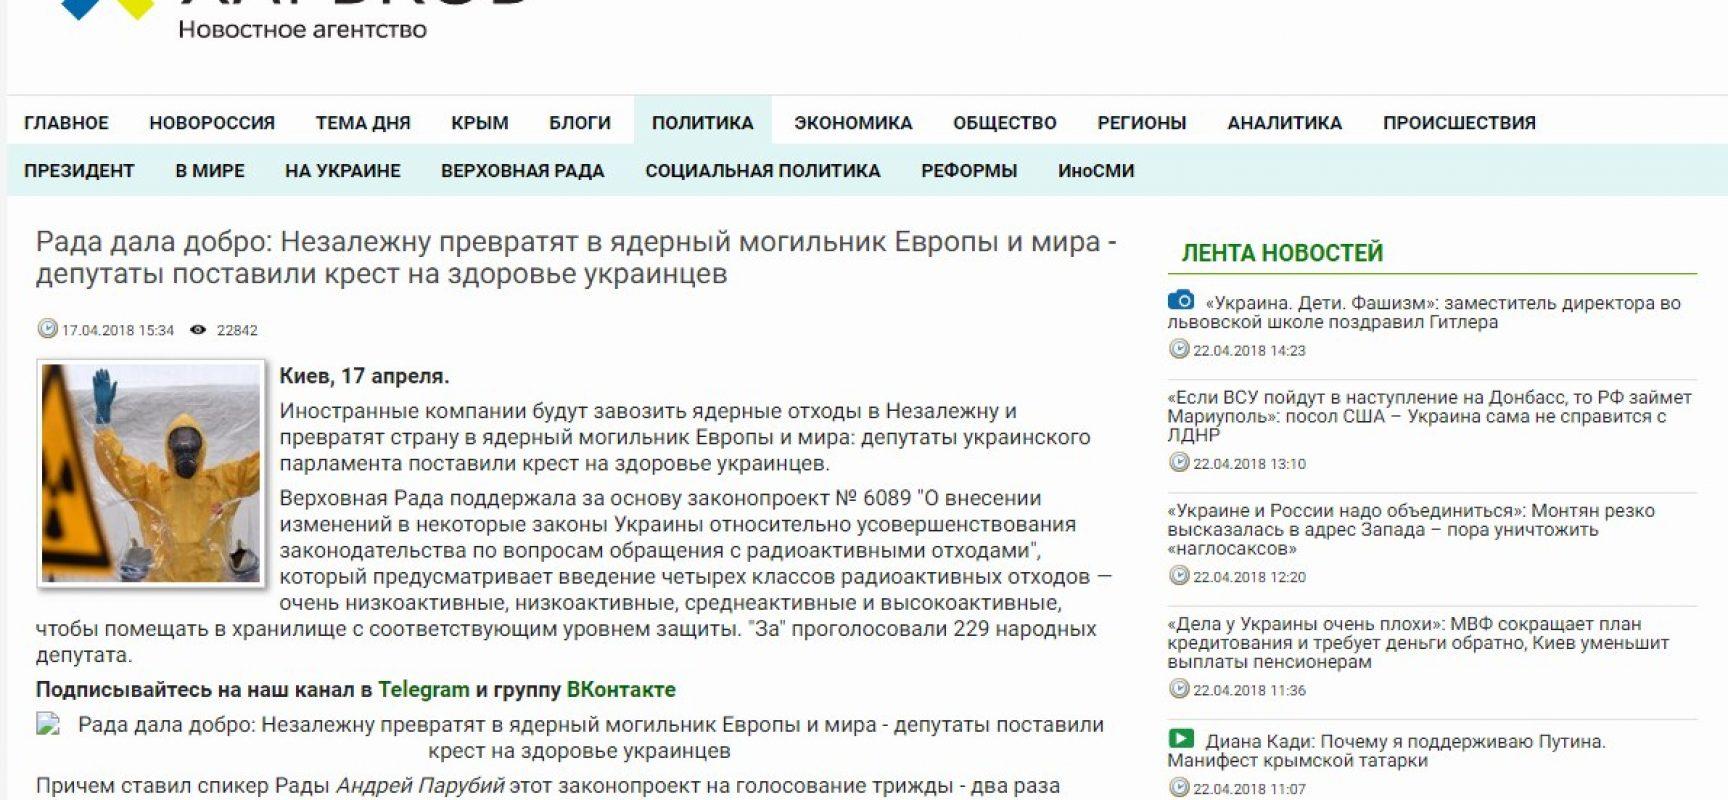 """Fake: """"L'Indipendente Ucraina """" sarà trasformata in un cimitero nucleare dell'Europa e del mondo"""